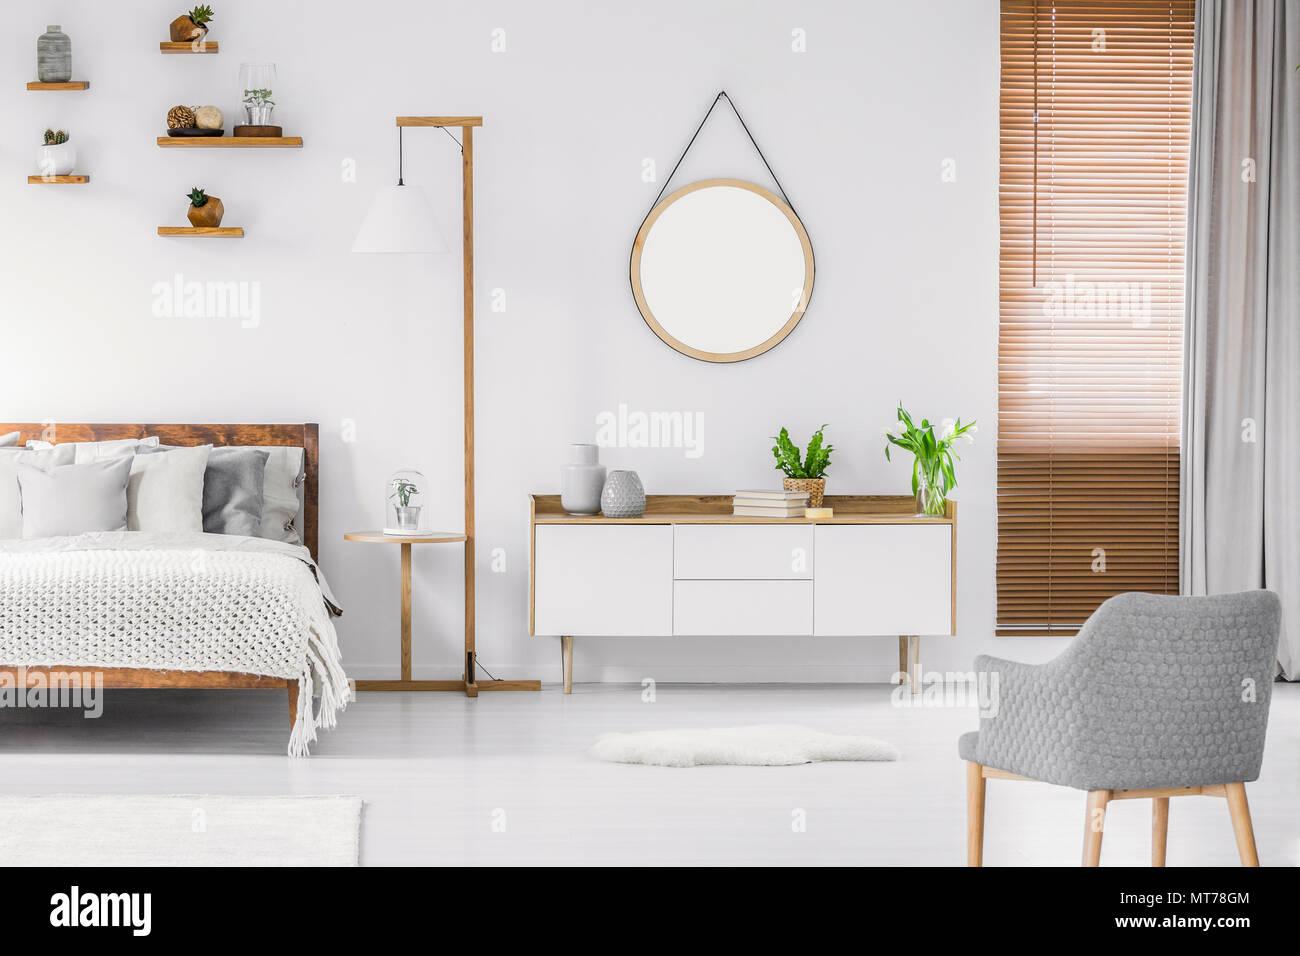 Chambre Blanche Et Bois chambre blanche de style scandinave intérieur avec miroir